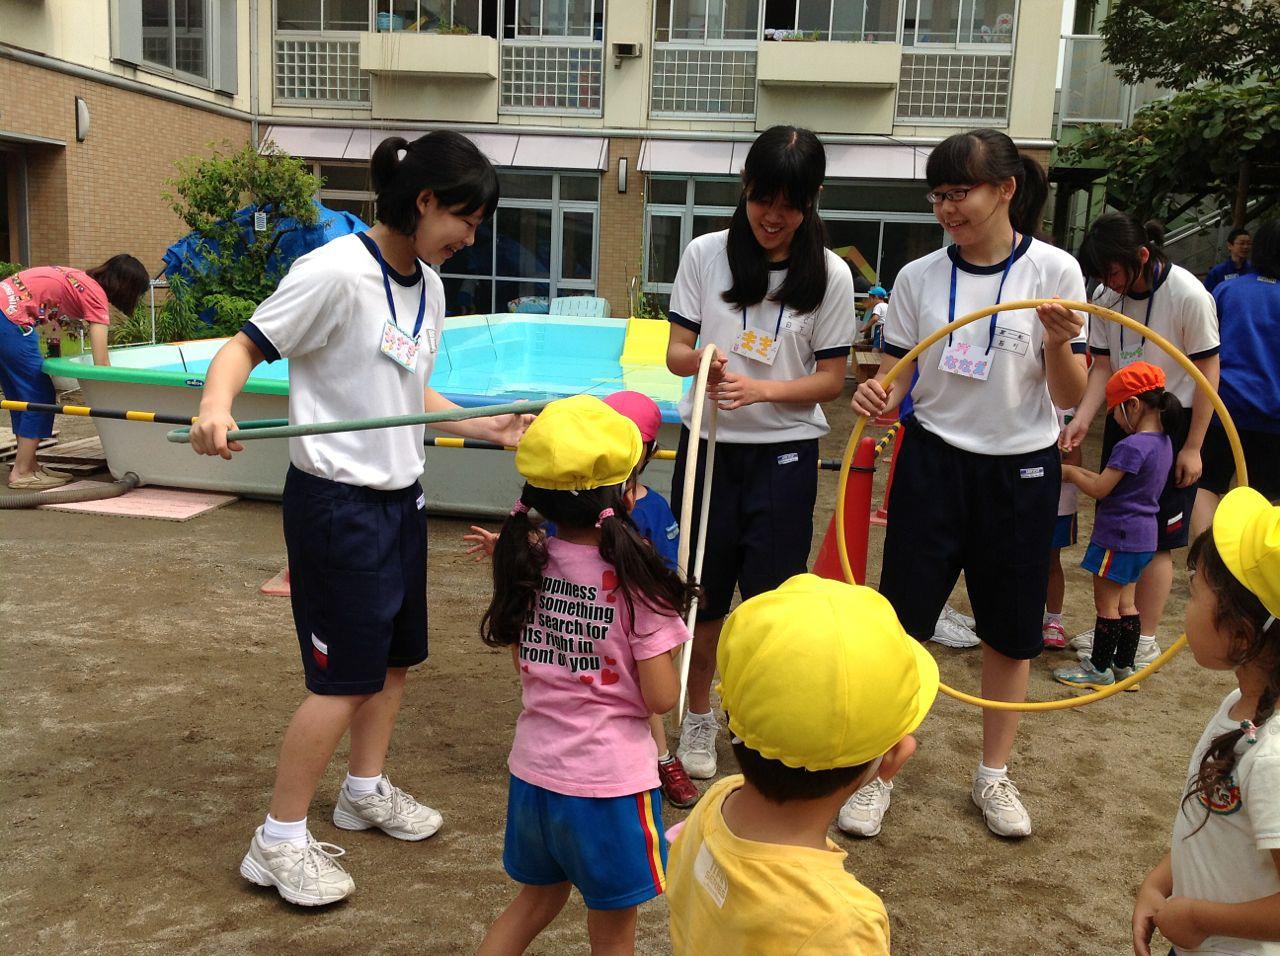 中学生のお姉さんも回してみせてくれました。 川崎ふたば幼稚園ブログ